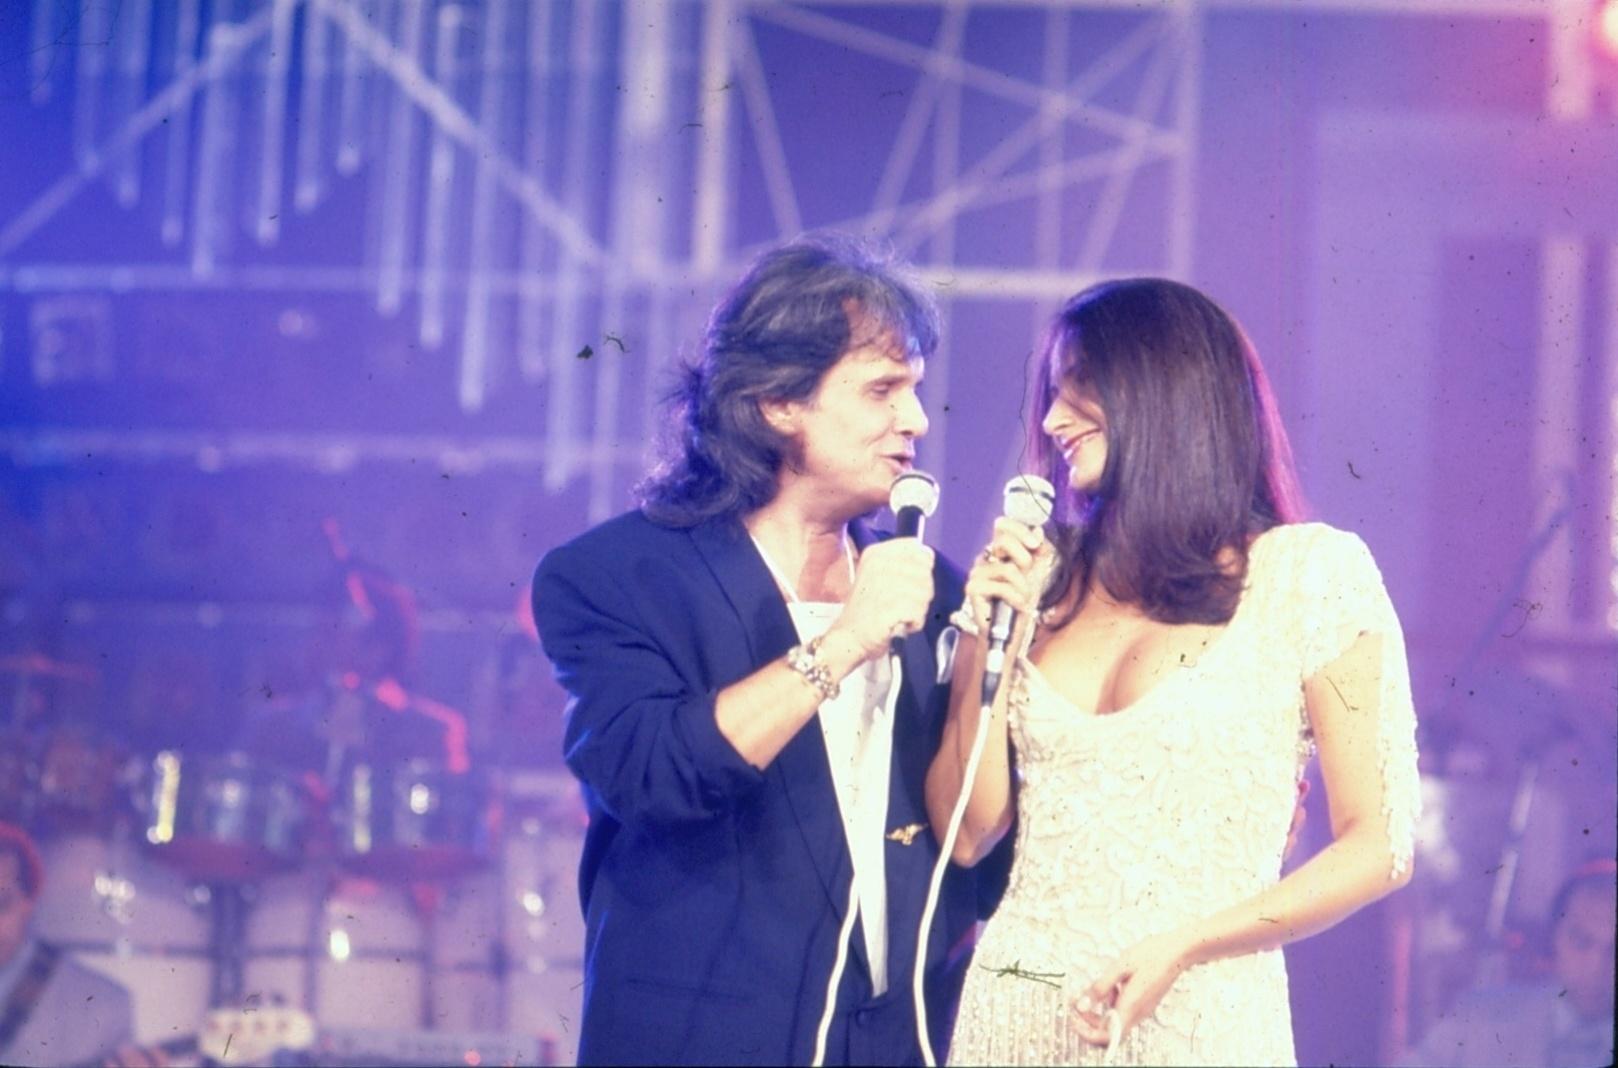 Roberto carlos recebe Fafá de Belém no especial exibido em 1991